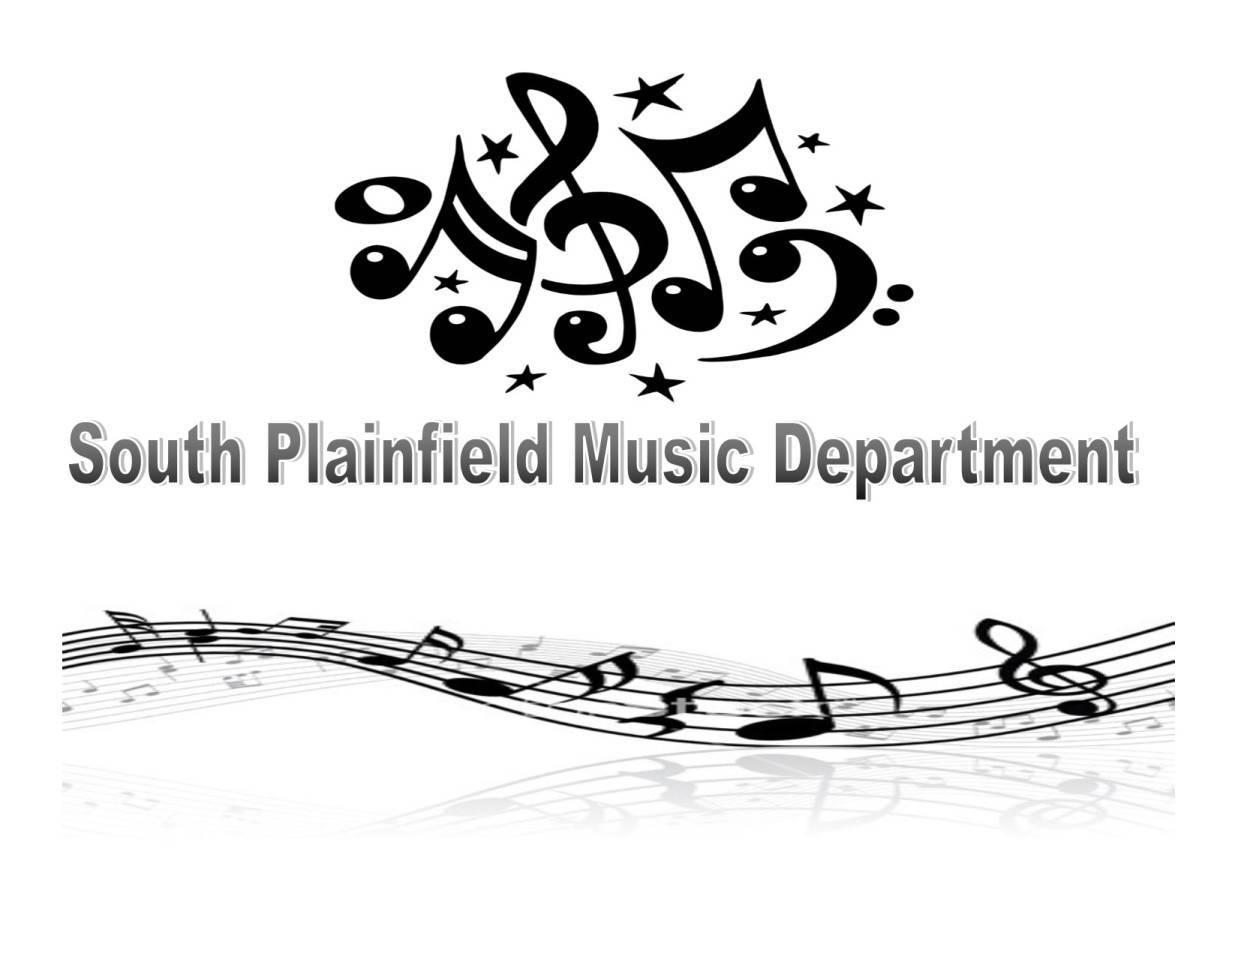 efb4b51e9fe57c113095_music_department.jpg